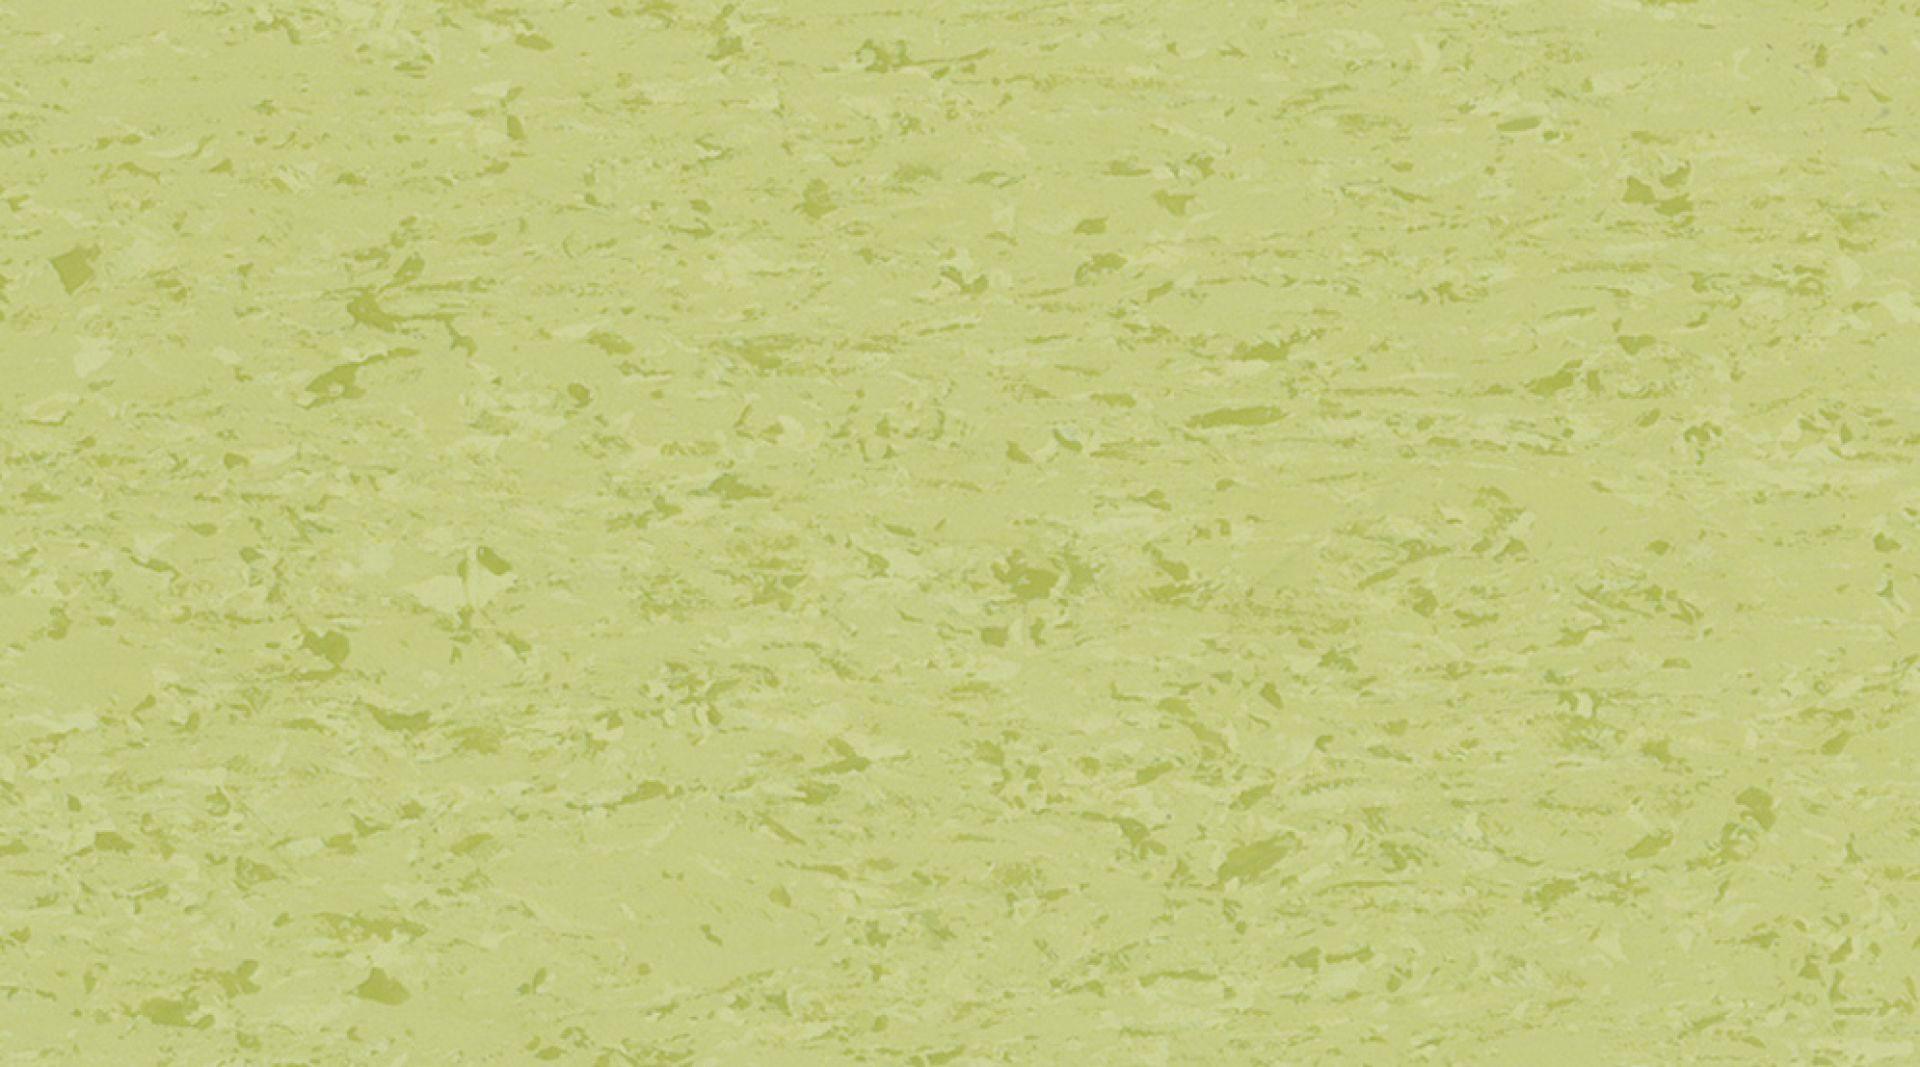 0447 grunsee